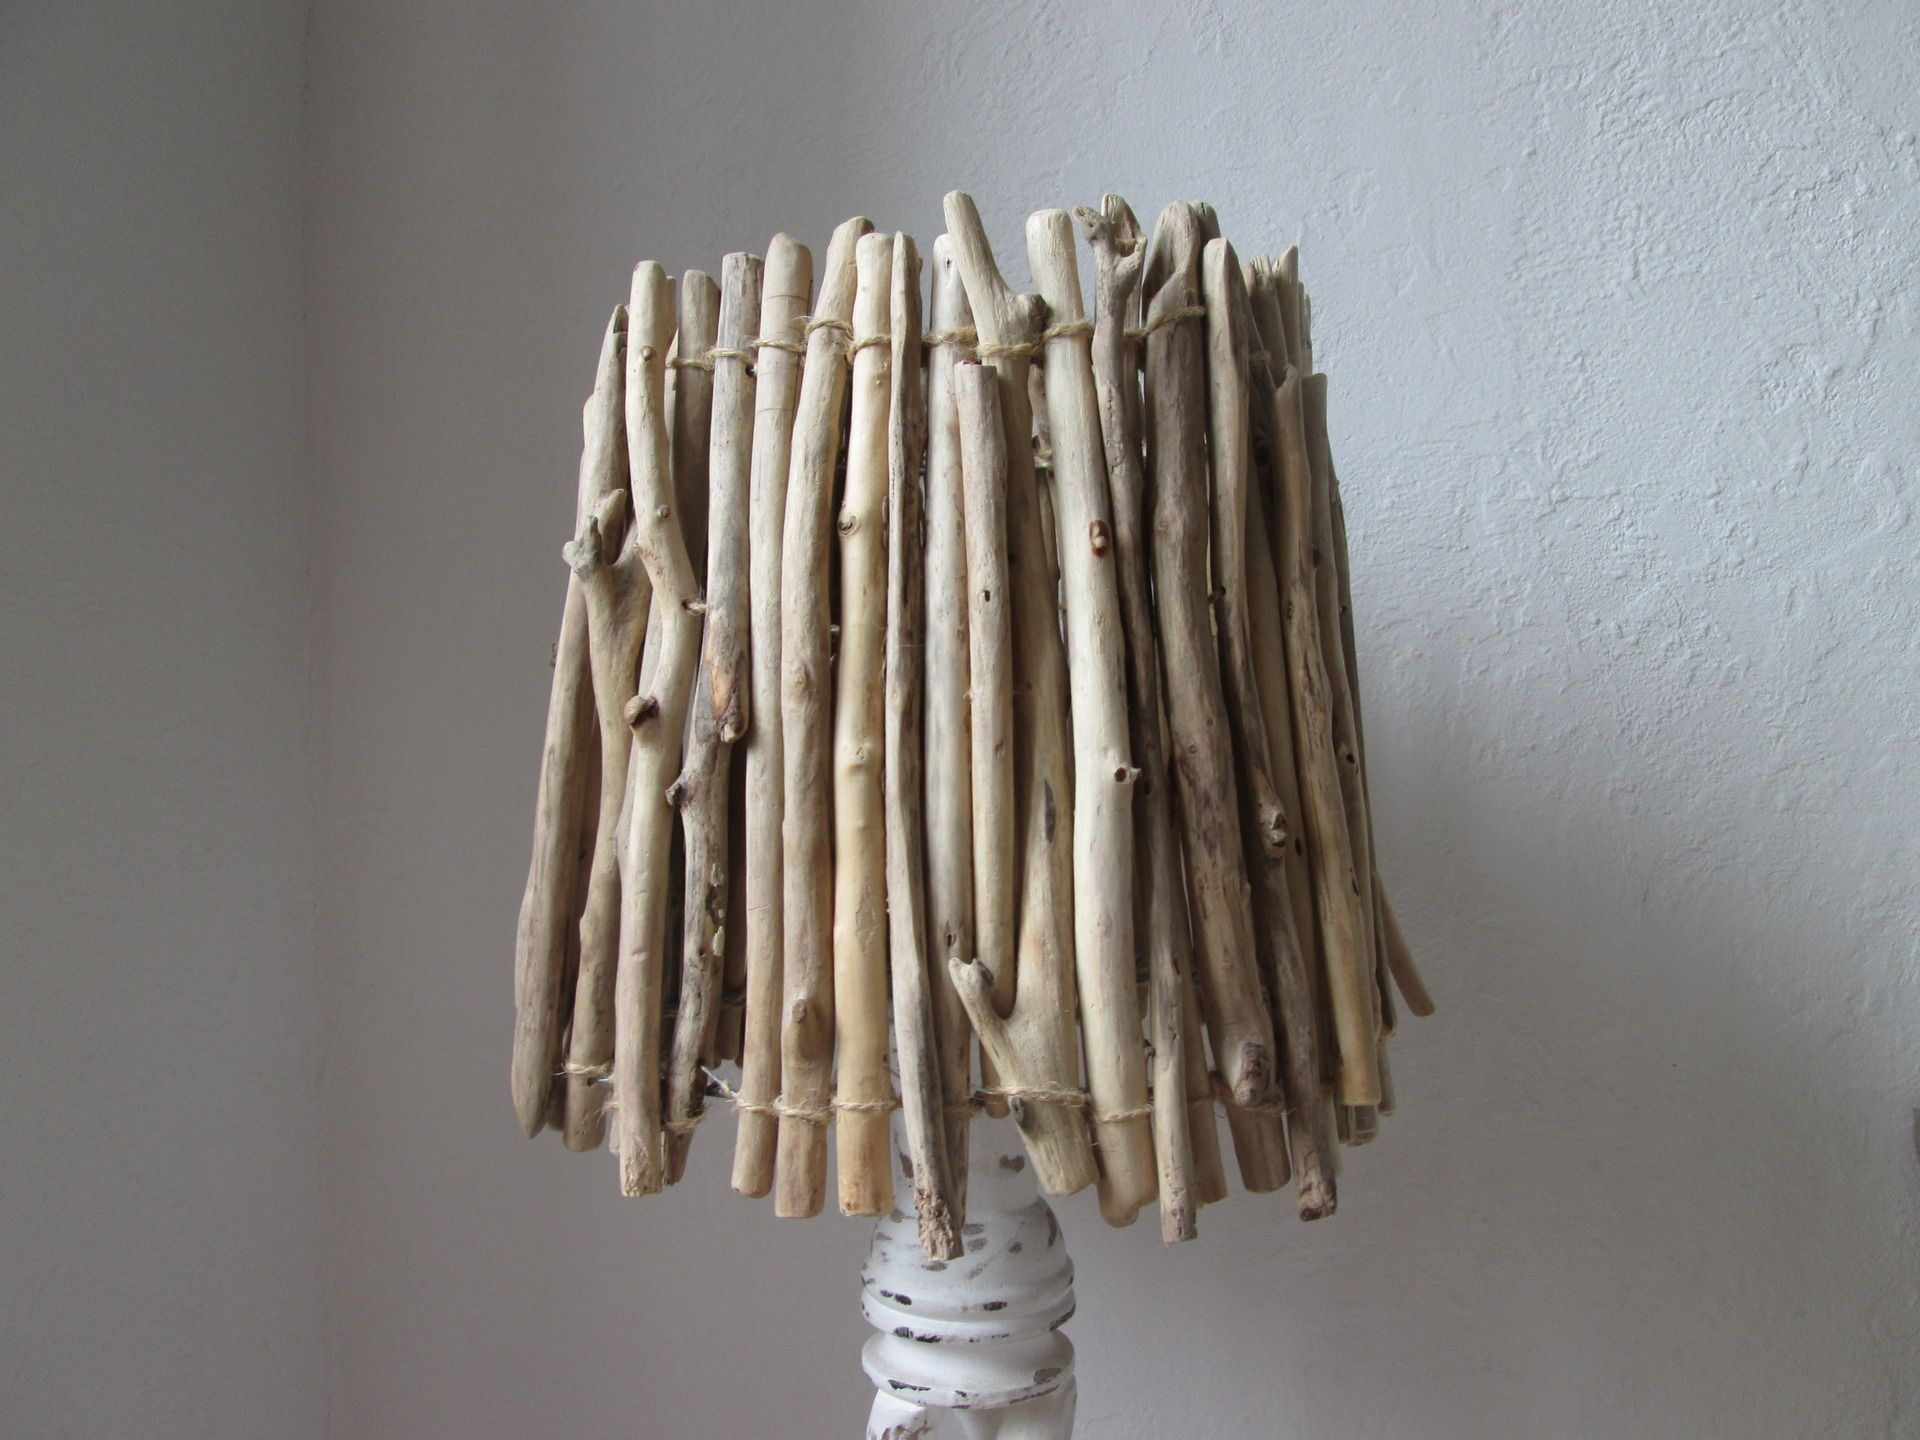 abat jour bois flott enti rement fix avec de la ficelle. Black Bedroom Furniture Sets. Home Design Ideas